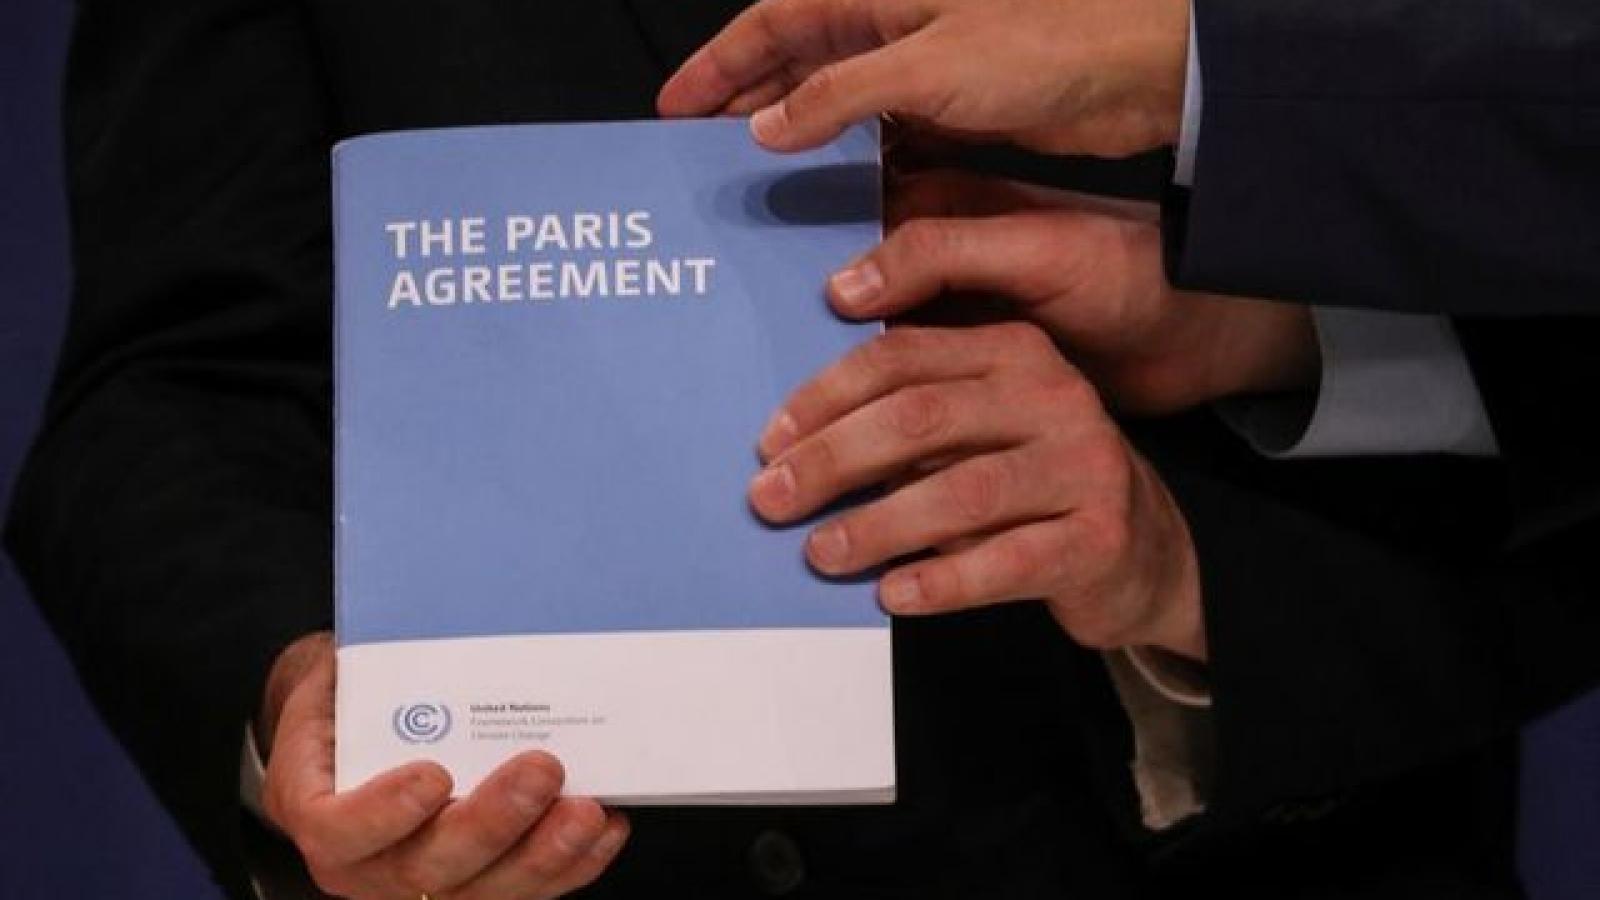 Phản ứng của các nước khi Mỹ chính thức rút khỏi Hiệp định khí hậu Paris